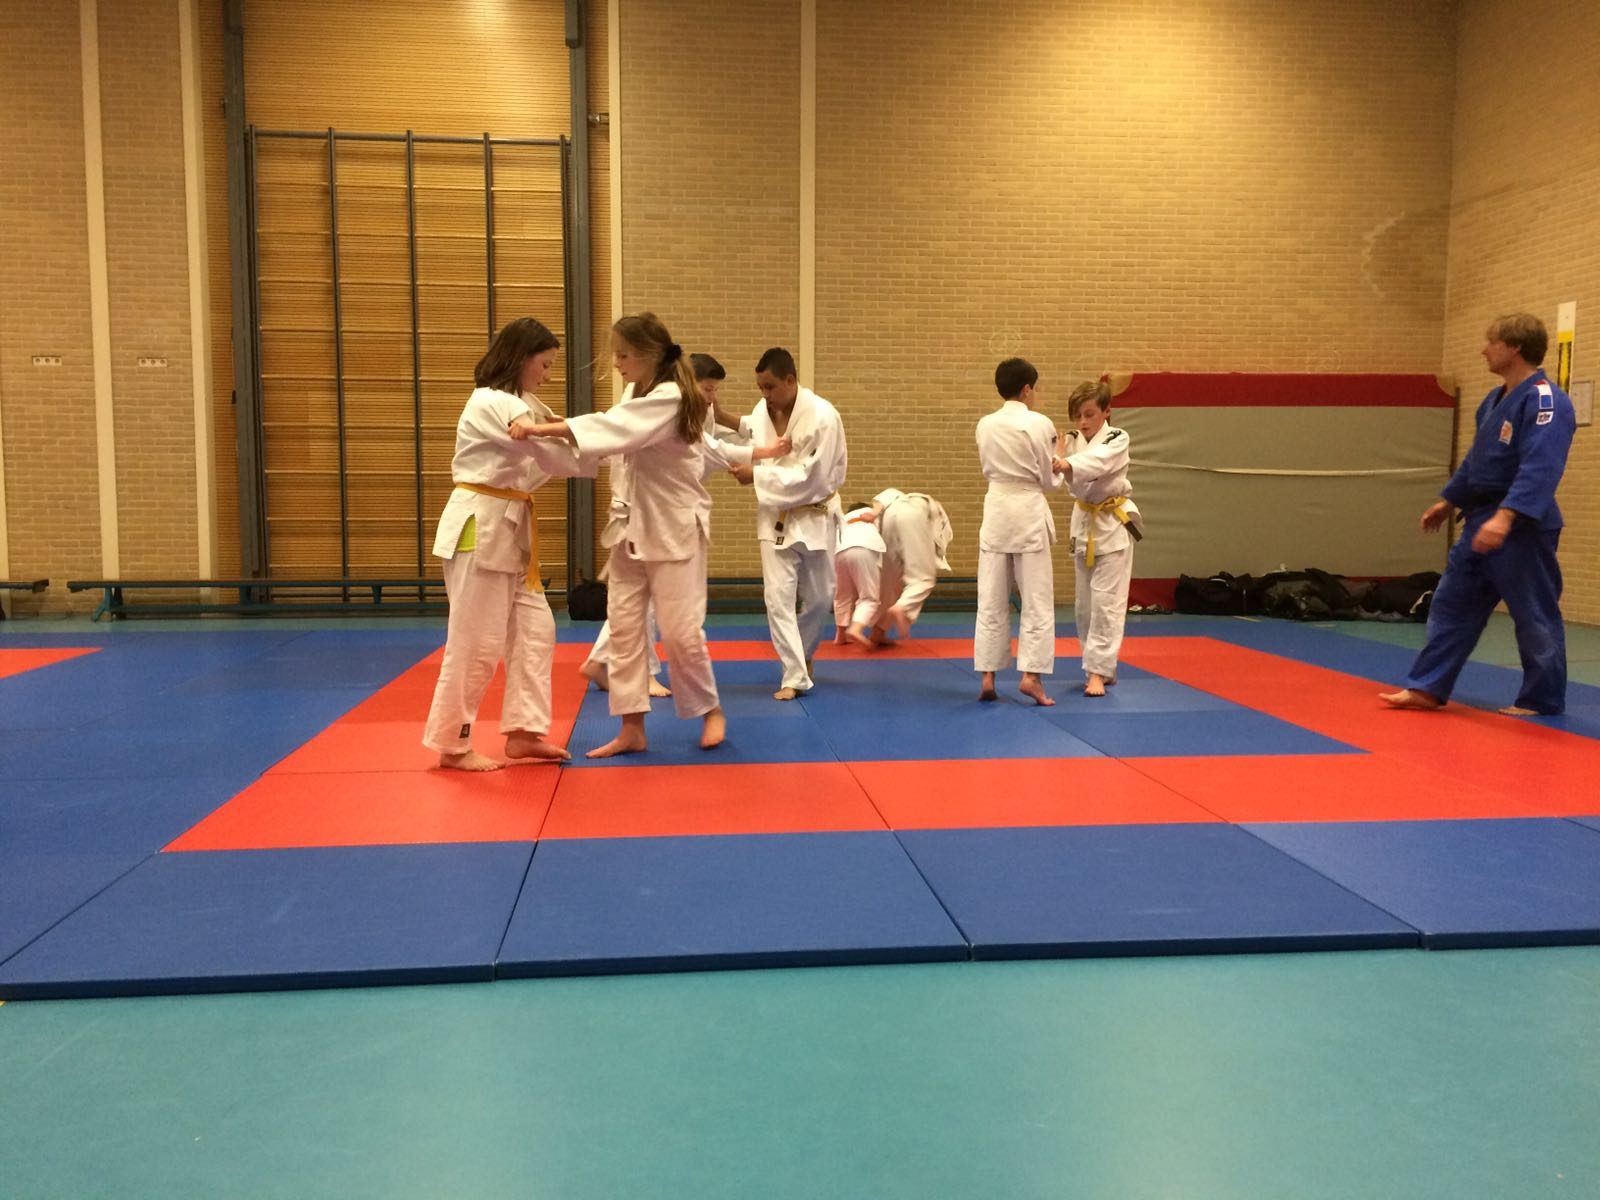 Gasttraining bij Erik Verlaan Sport in Utrecht (23-3-2016)